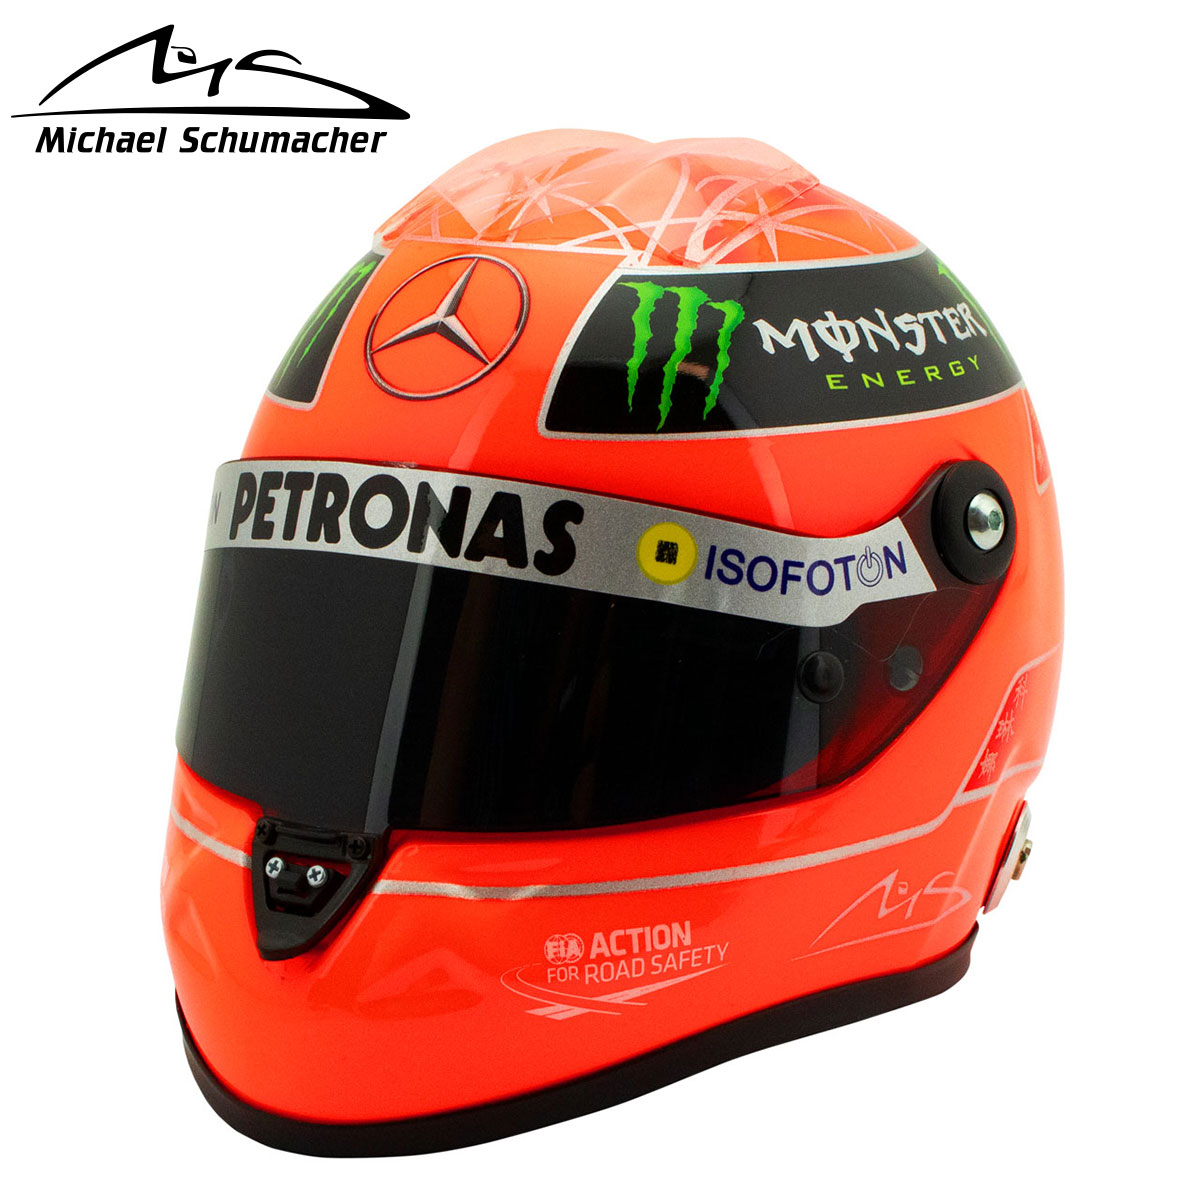 コレクション, その他  Michael Schumacher 12 2012 MICHAEL SCHUMACHER MERCEDES GP FORMEL 1 2012 HELMET 1:2